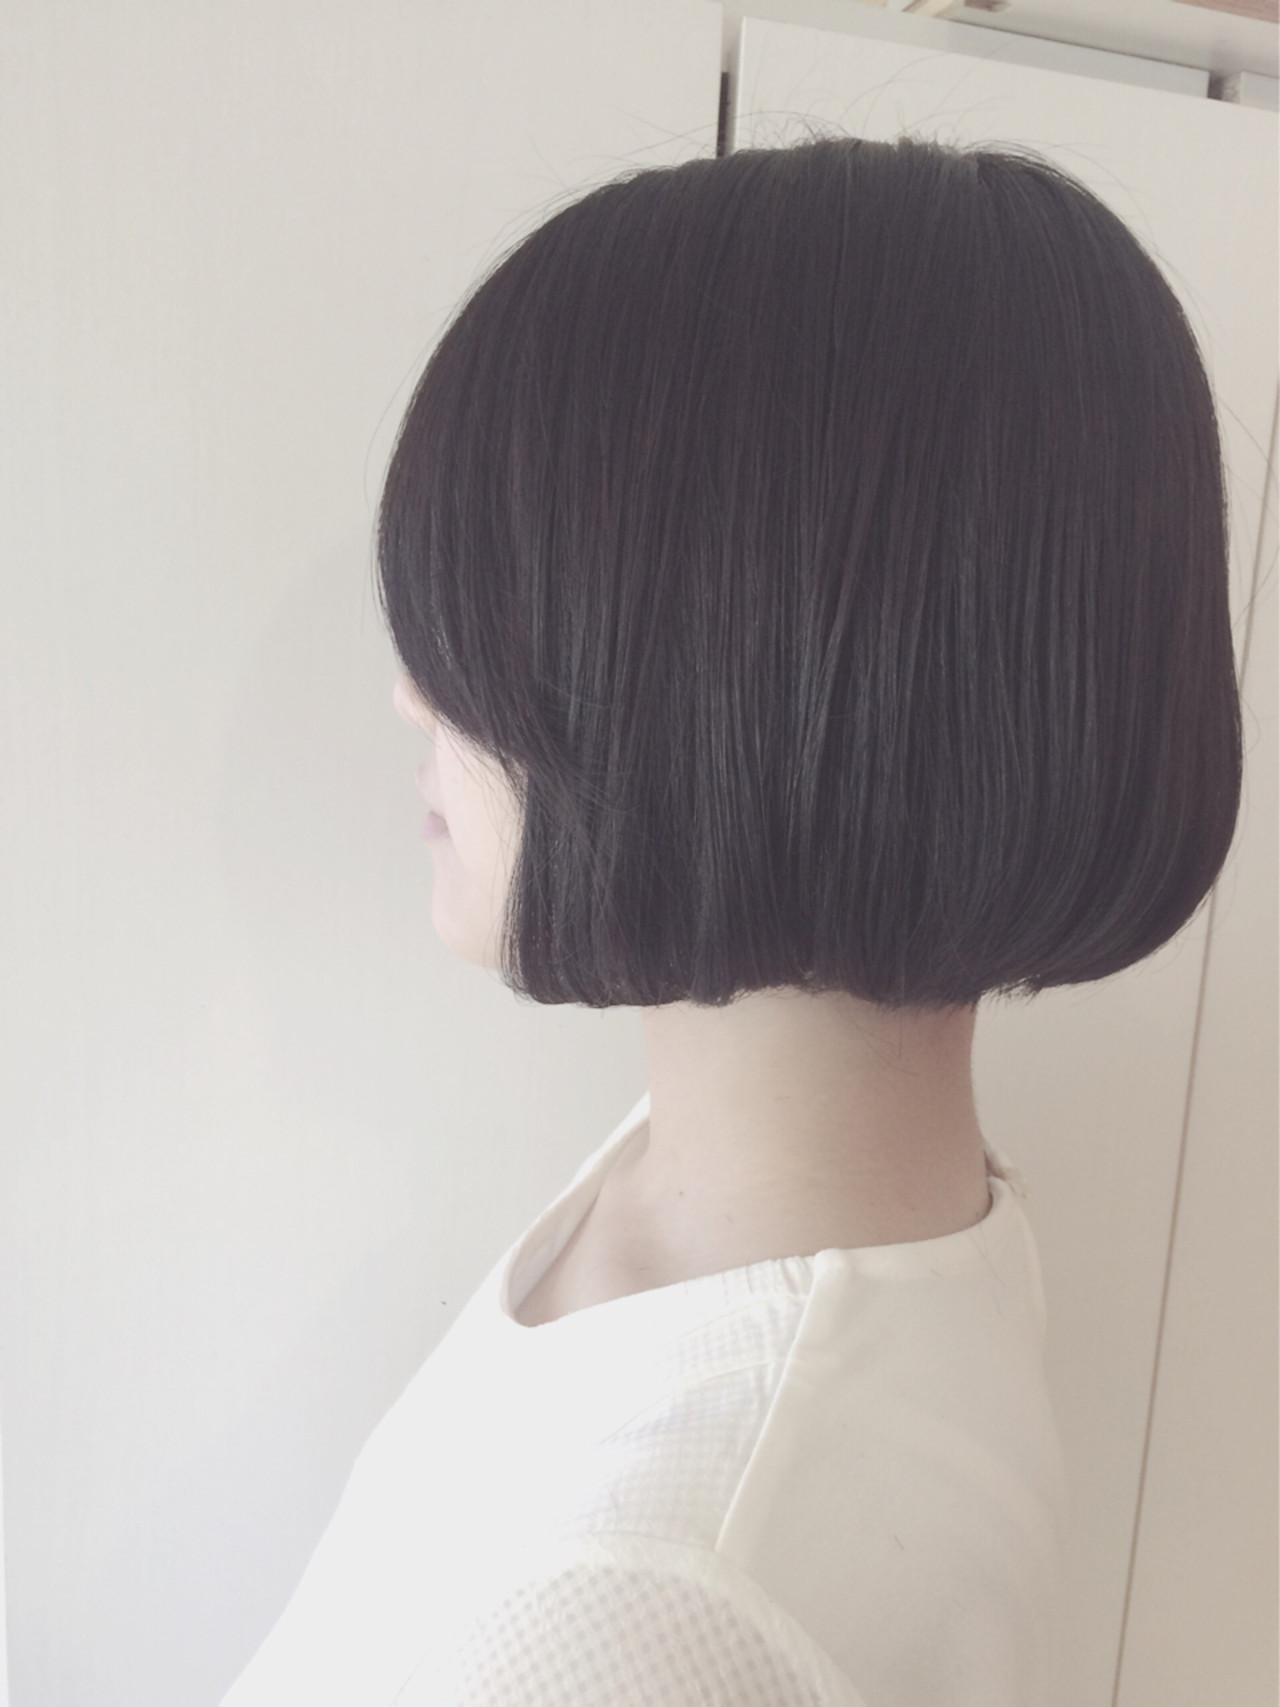 黒髪 ナチュラル ワンレングス ボブ ヘアスタイルや髪型の写真・画像 | 小林進 / neolive square